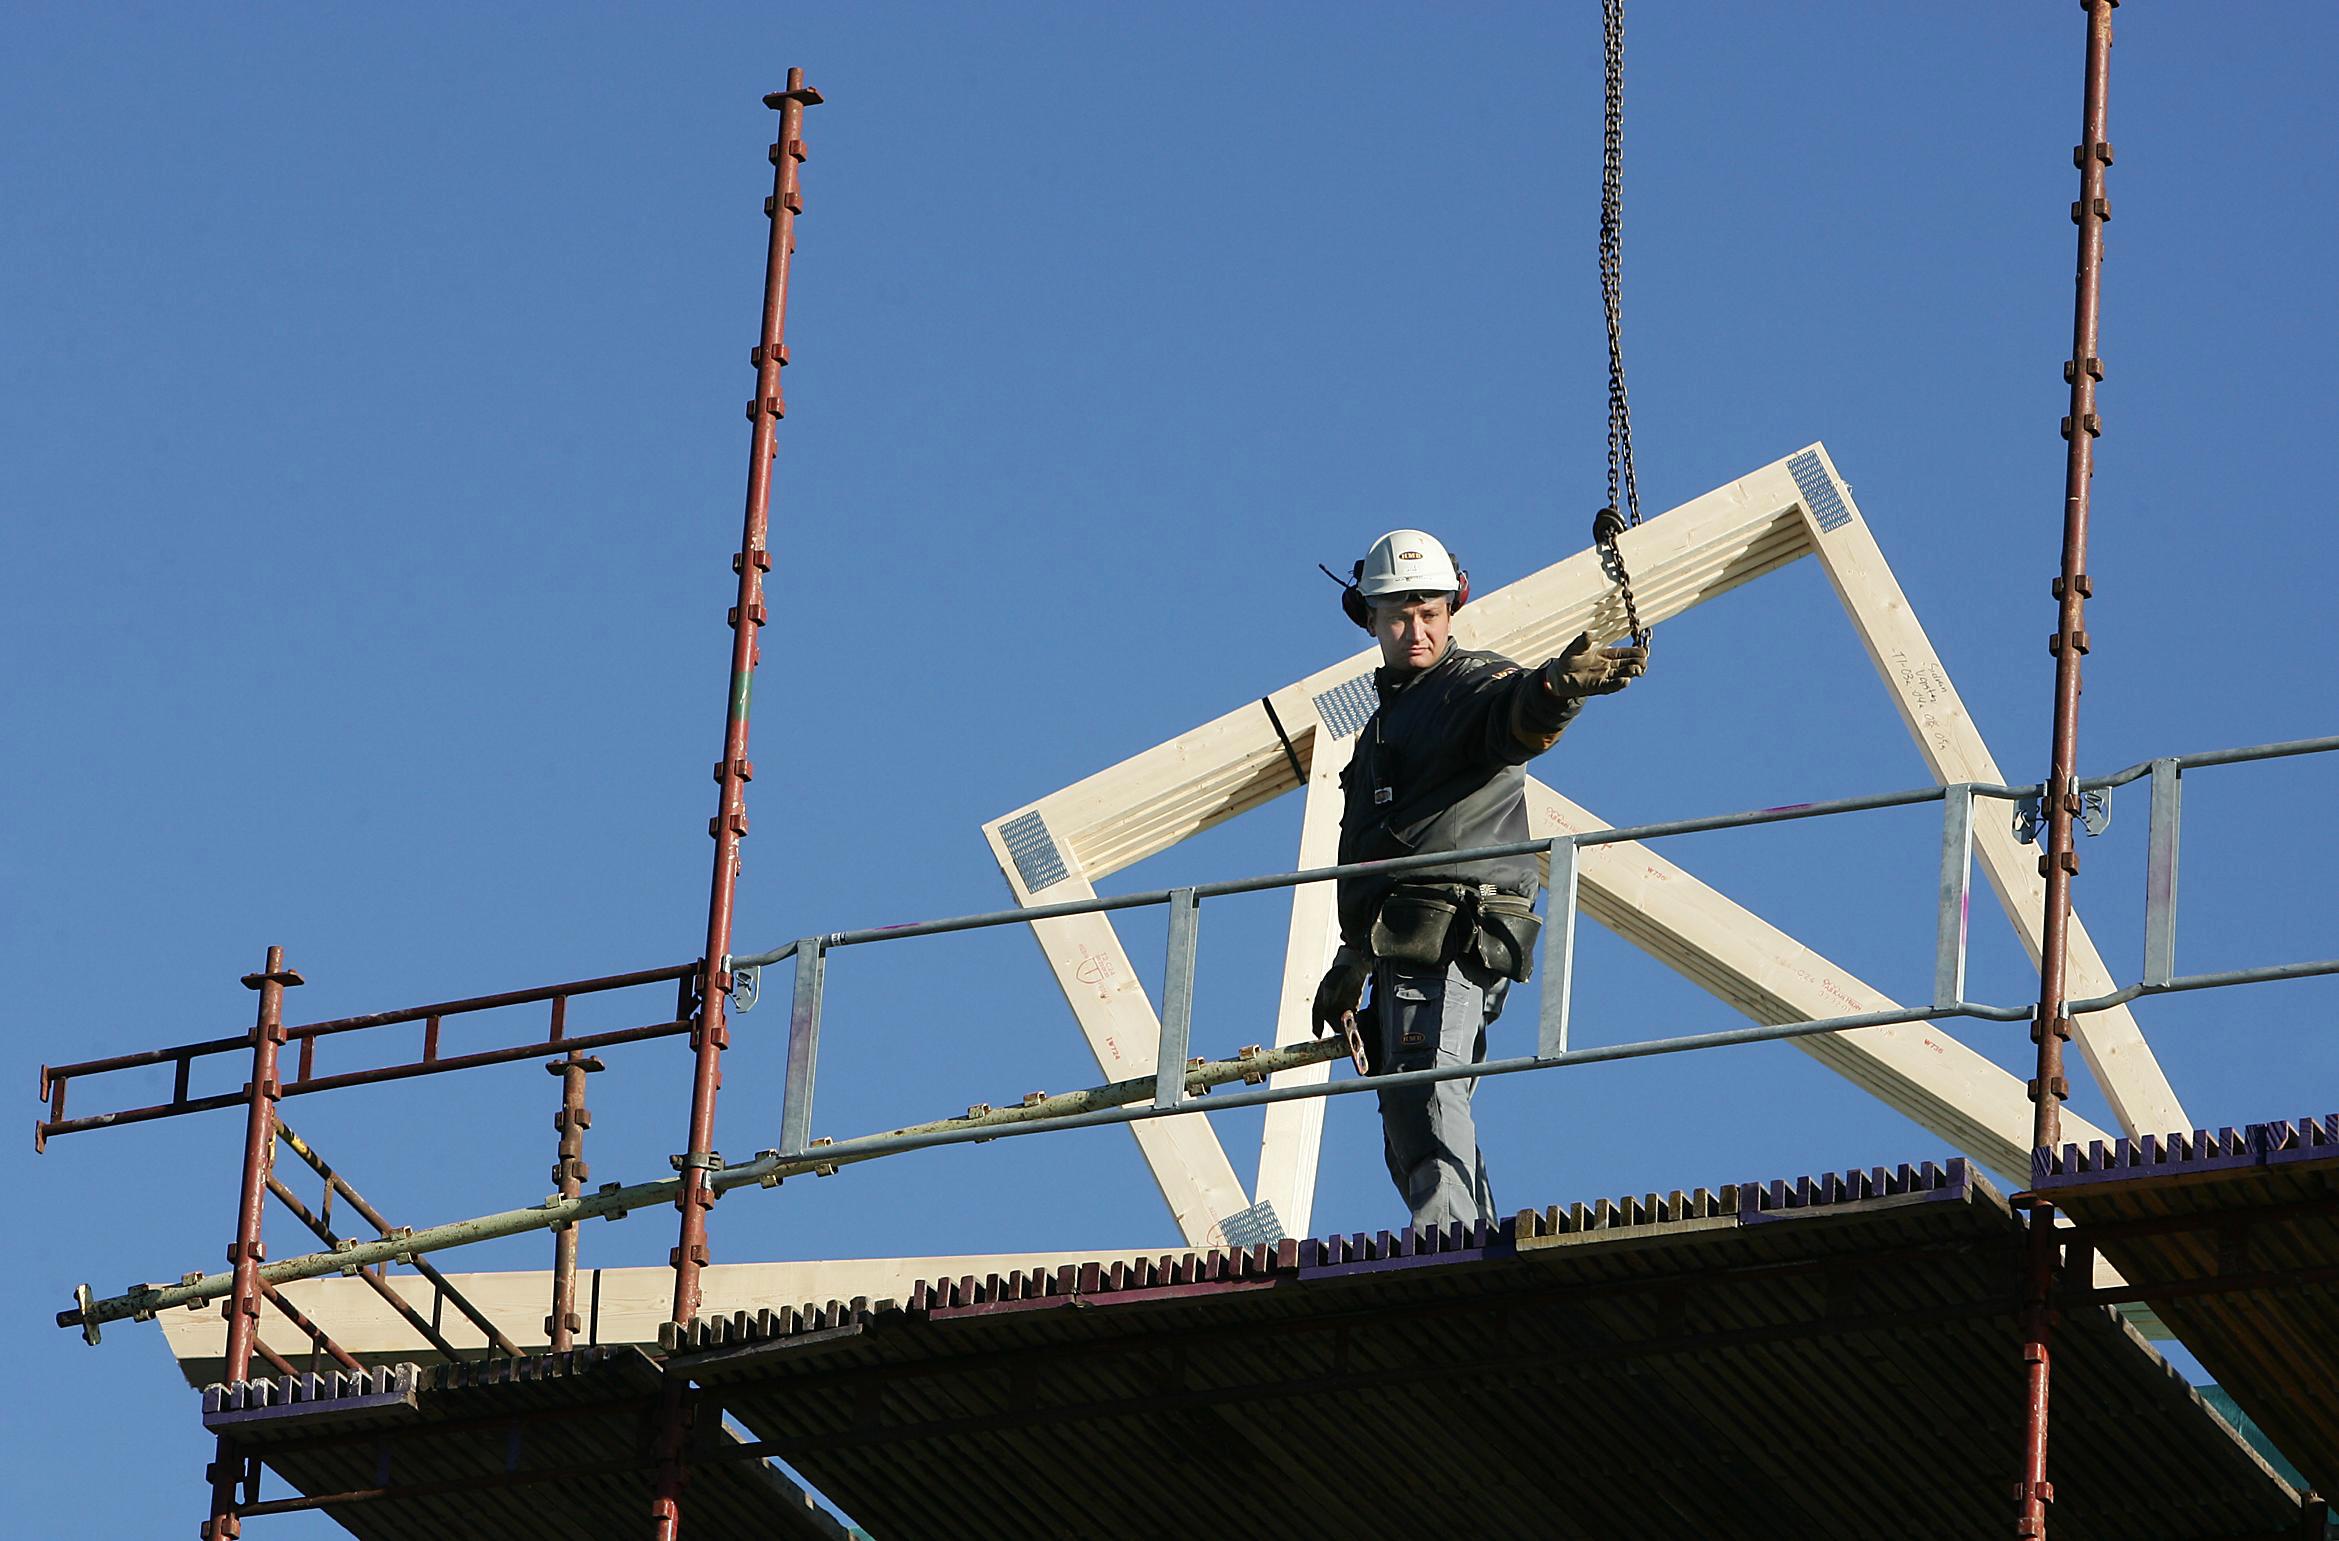 Bilden föreställer en person i vit bygghjälm som står på en byggnadsställni8ng och sträcker ut en hand. Bakom honom syns en träram som lyftas i en kedja.